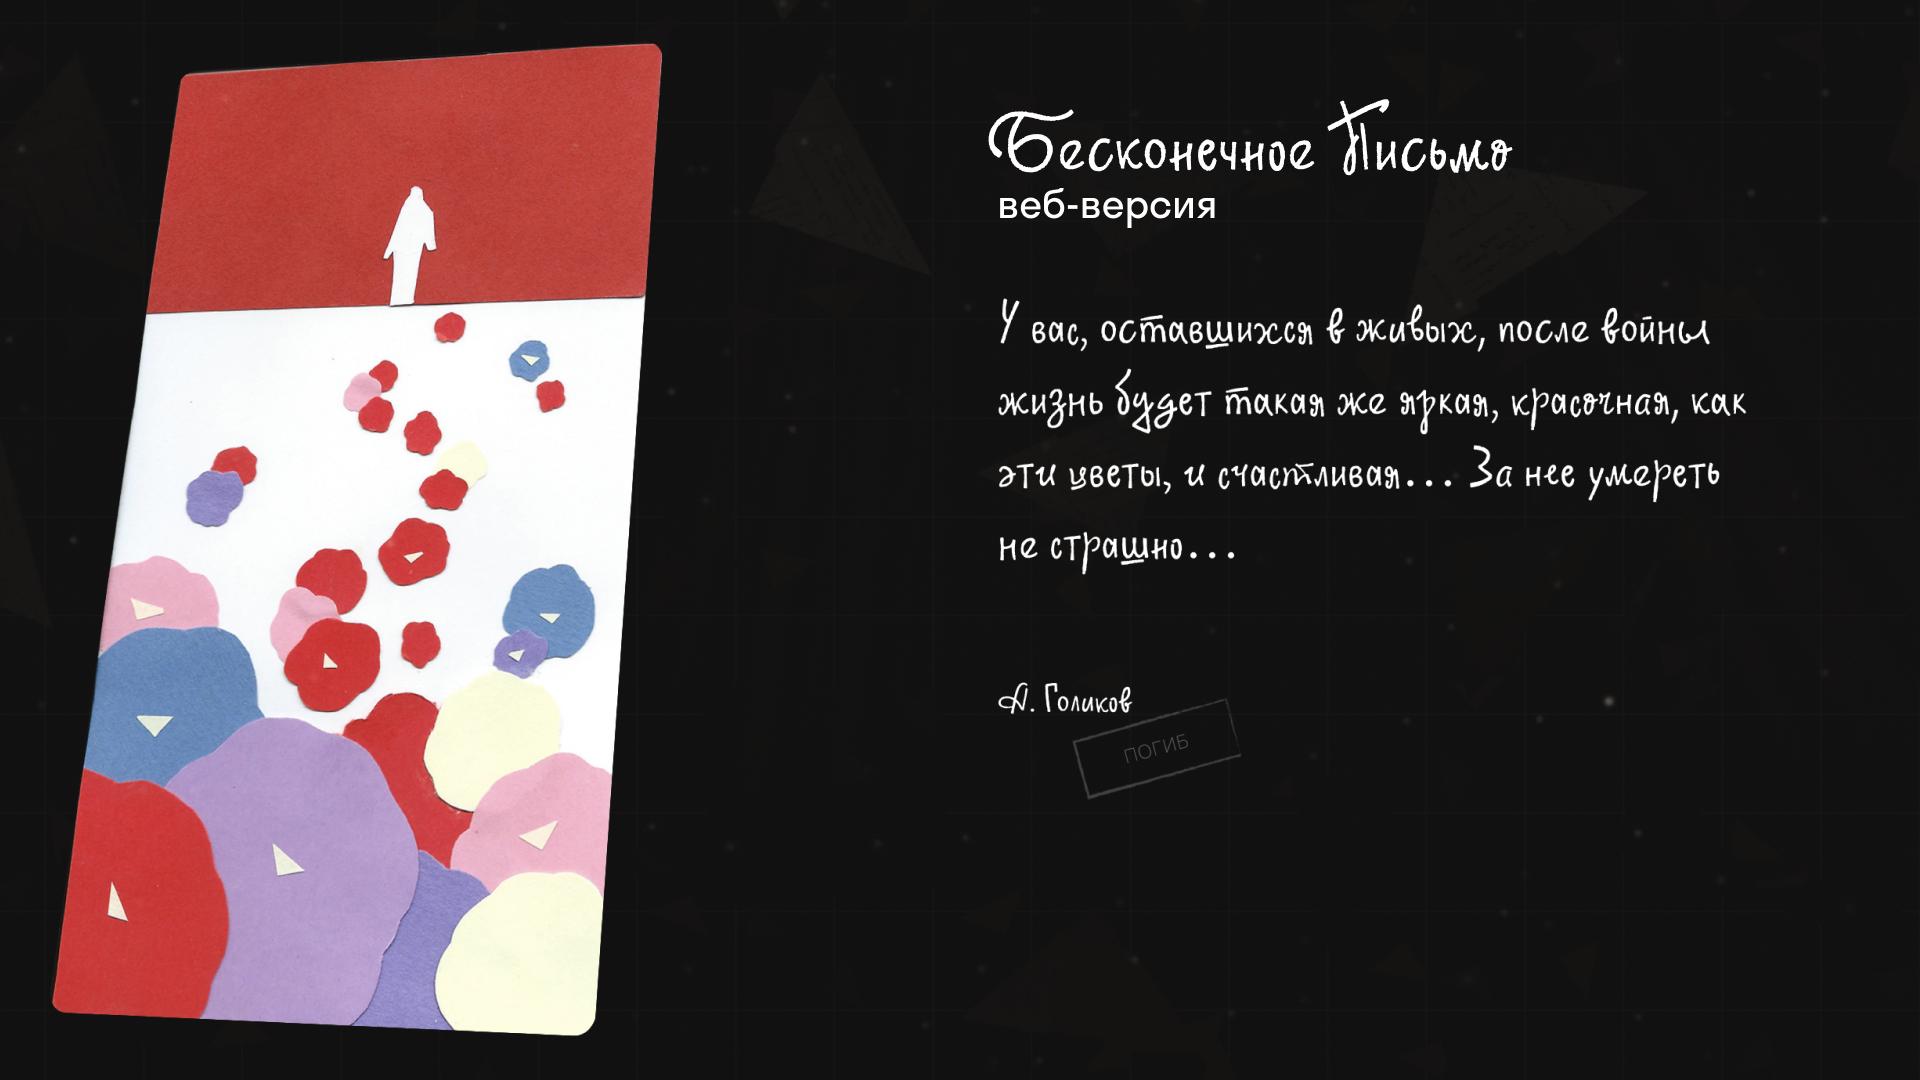 «Бесконечное письмо»: RT запускает сайт с фронтовыми письмами ко Дню Победы1